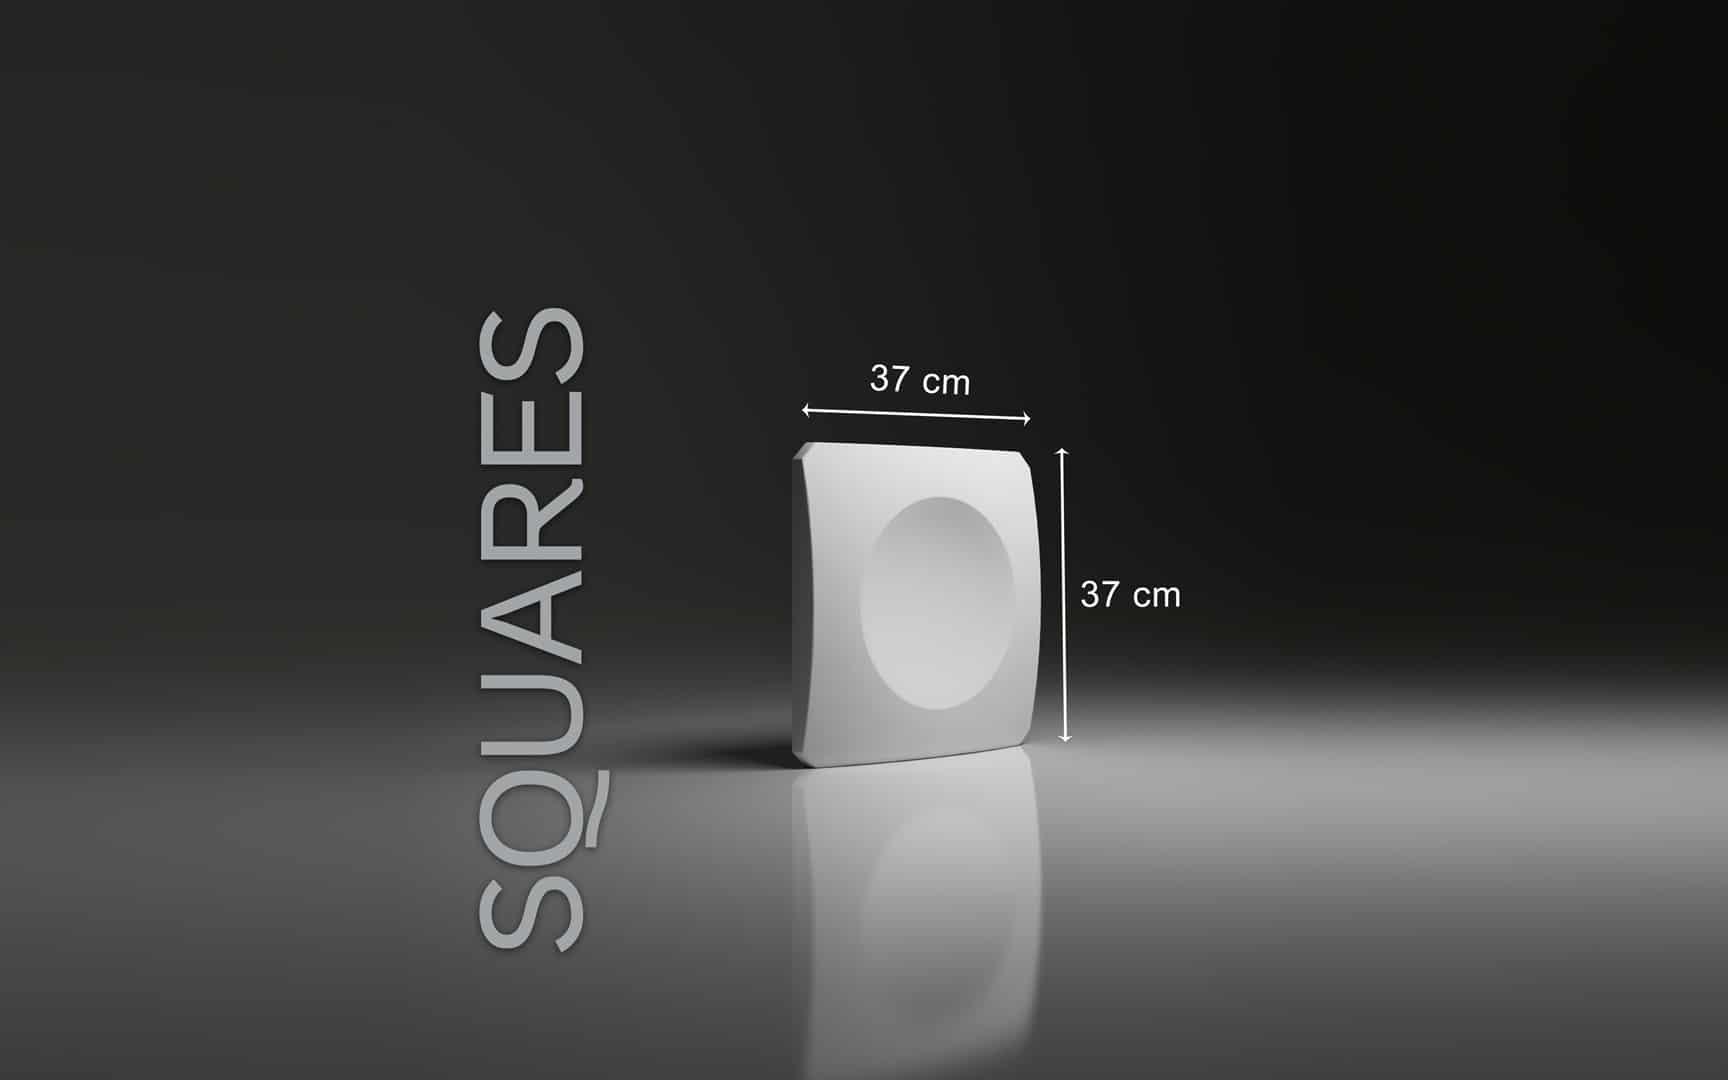 SQUARES DIMENSIONS : hauteur 37 cm x largeur 37 cm ÉPAISSEUR : 4,0 cm POIDS : environ 3;7 kg